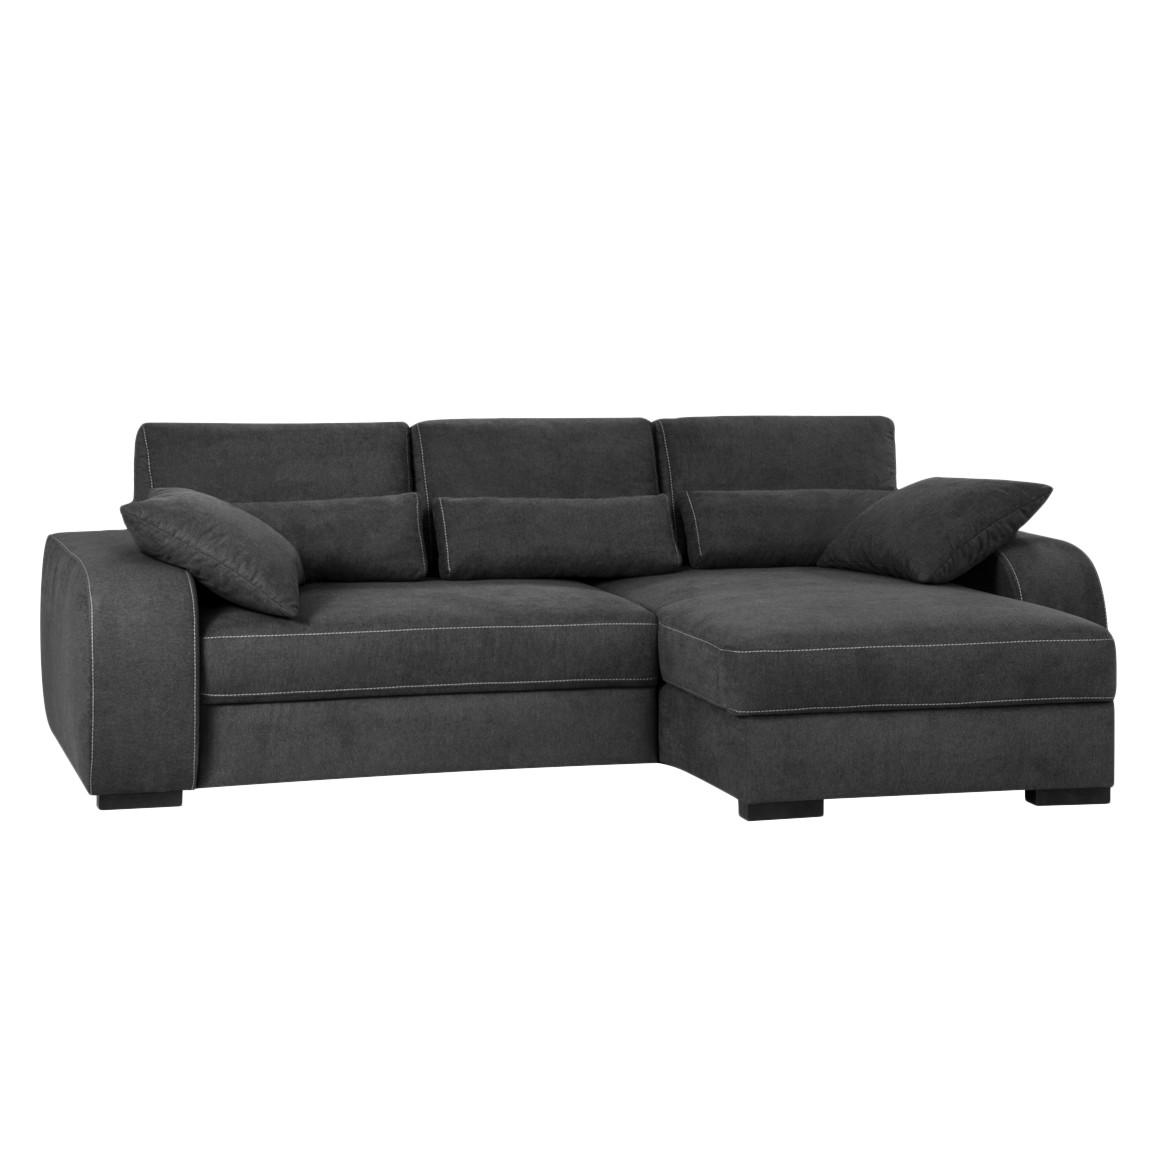 Banquette meridienne sofa capitonne canape coussin rond comparer les prix e - Canape capitonne gris ...